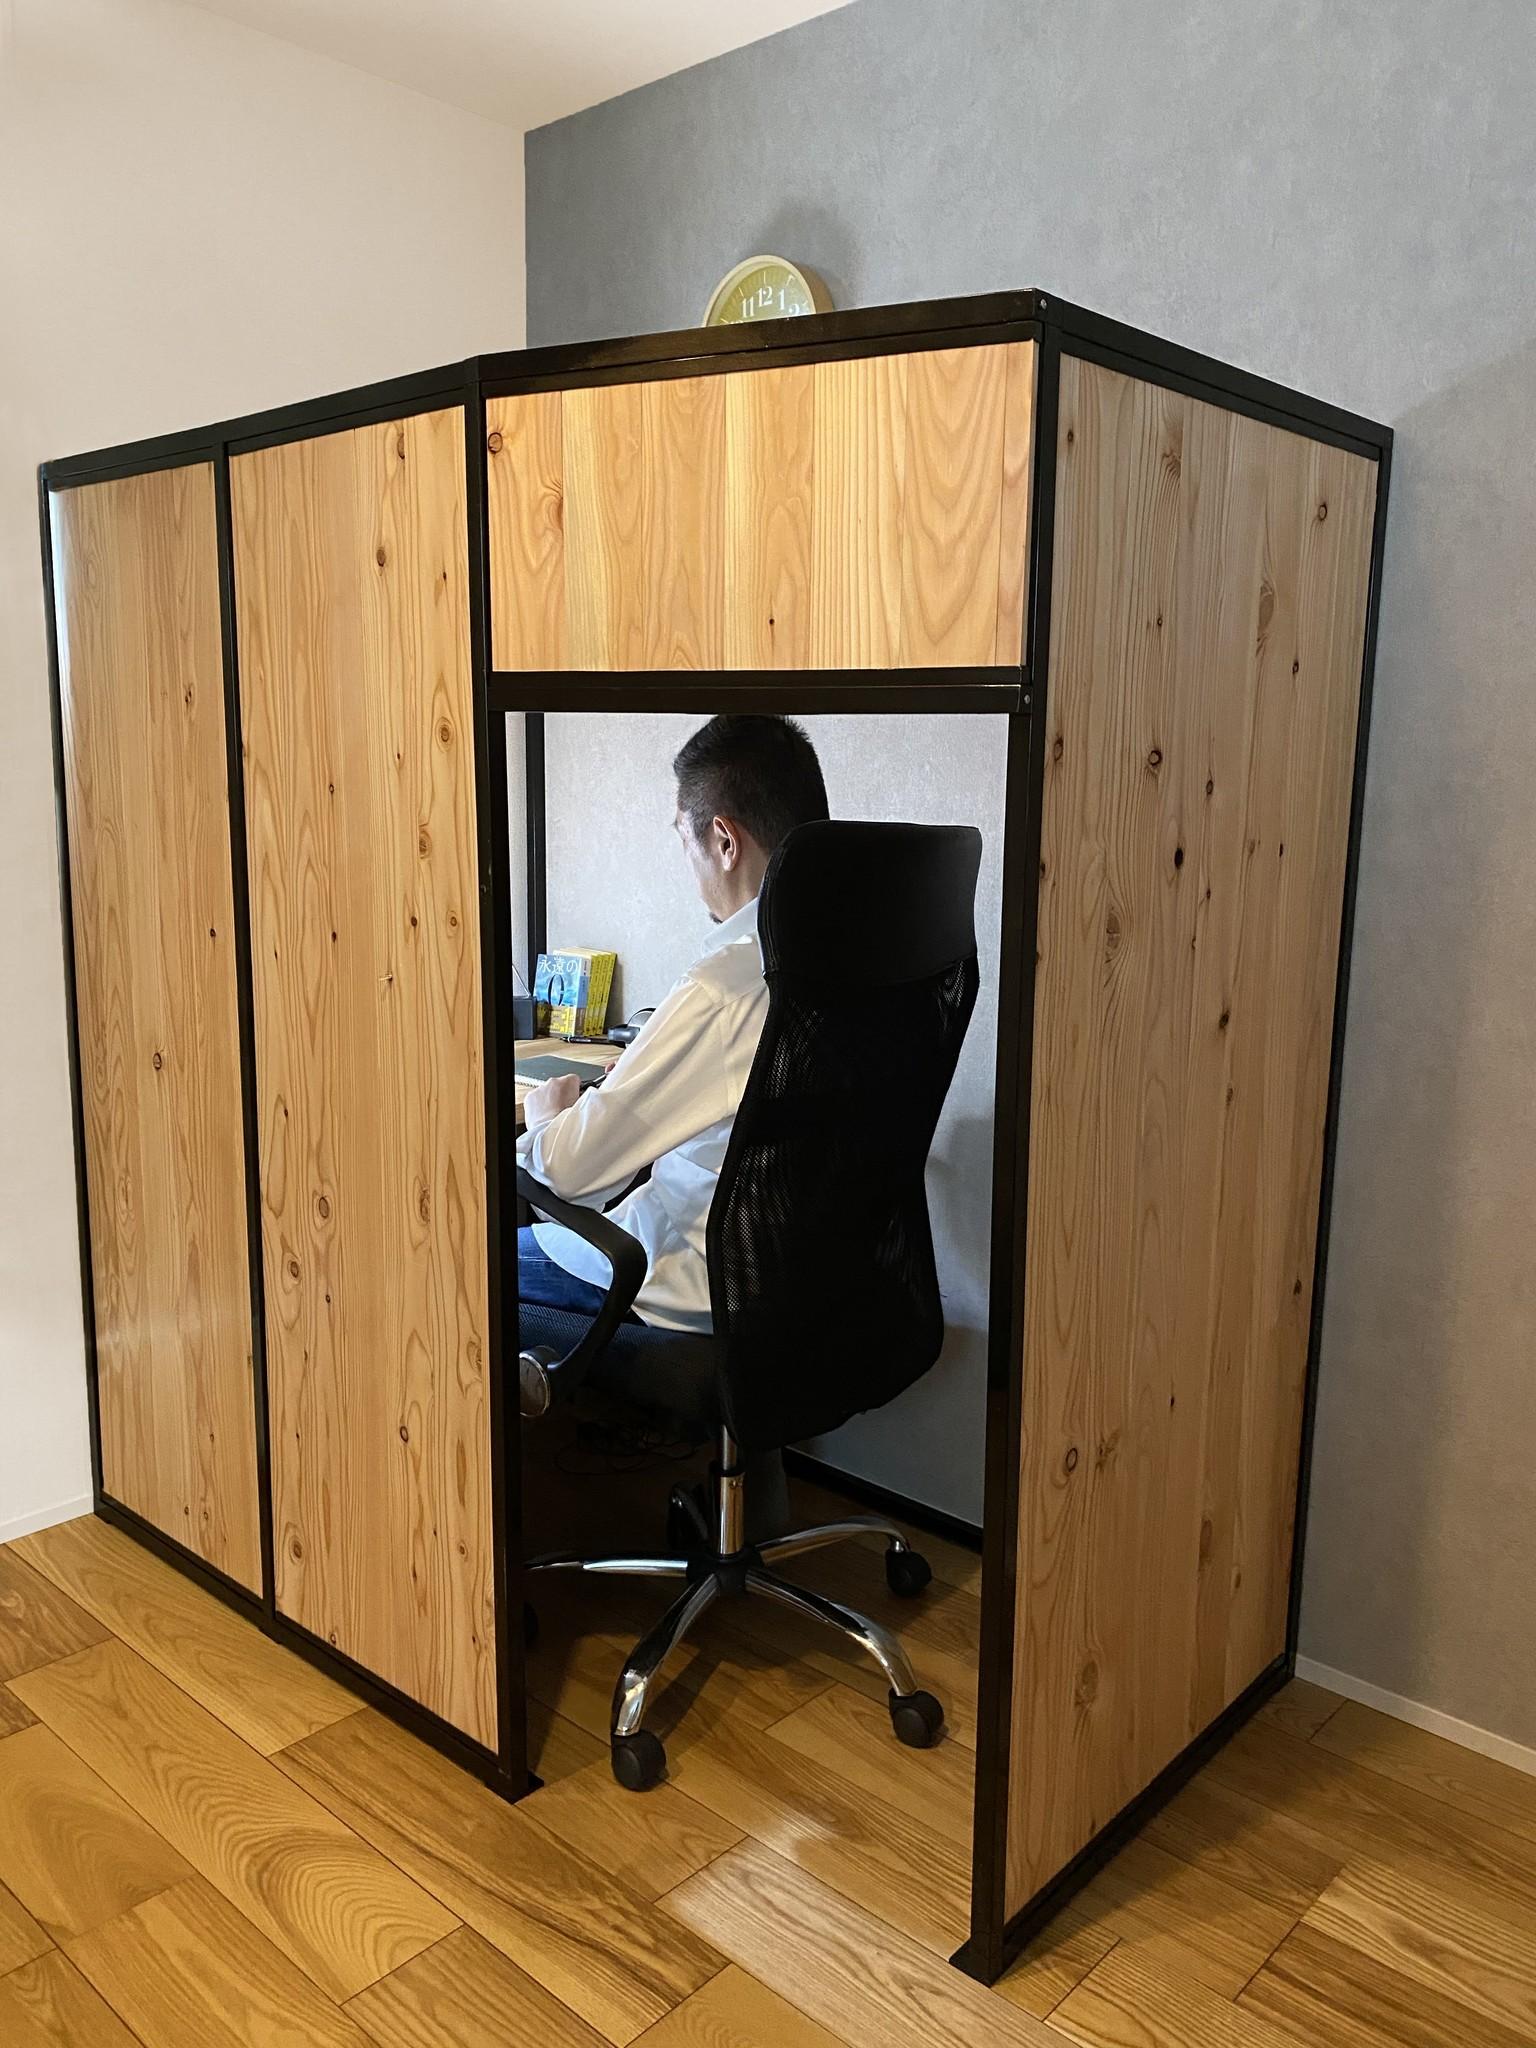 Withコロナ時代のテレワークに、集中できる空間を。自宅リビングにも設置できる組立式小部屋「Room+(ルームプラス)」を発売